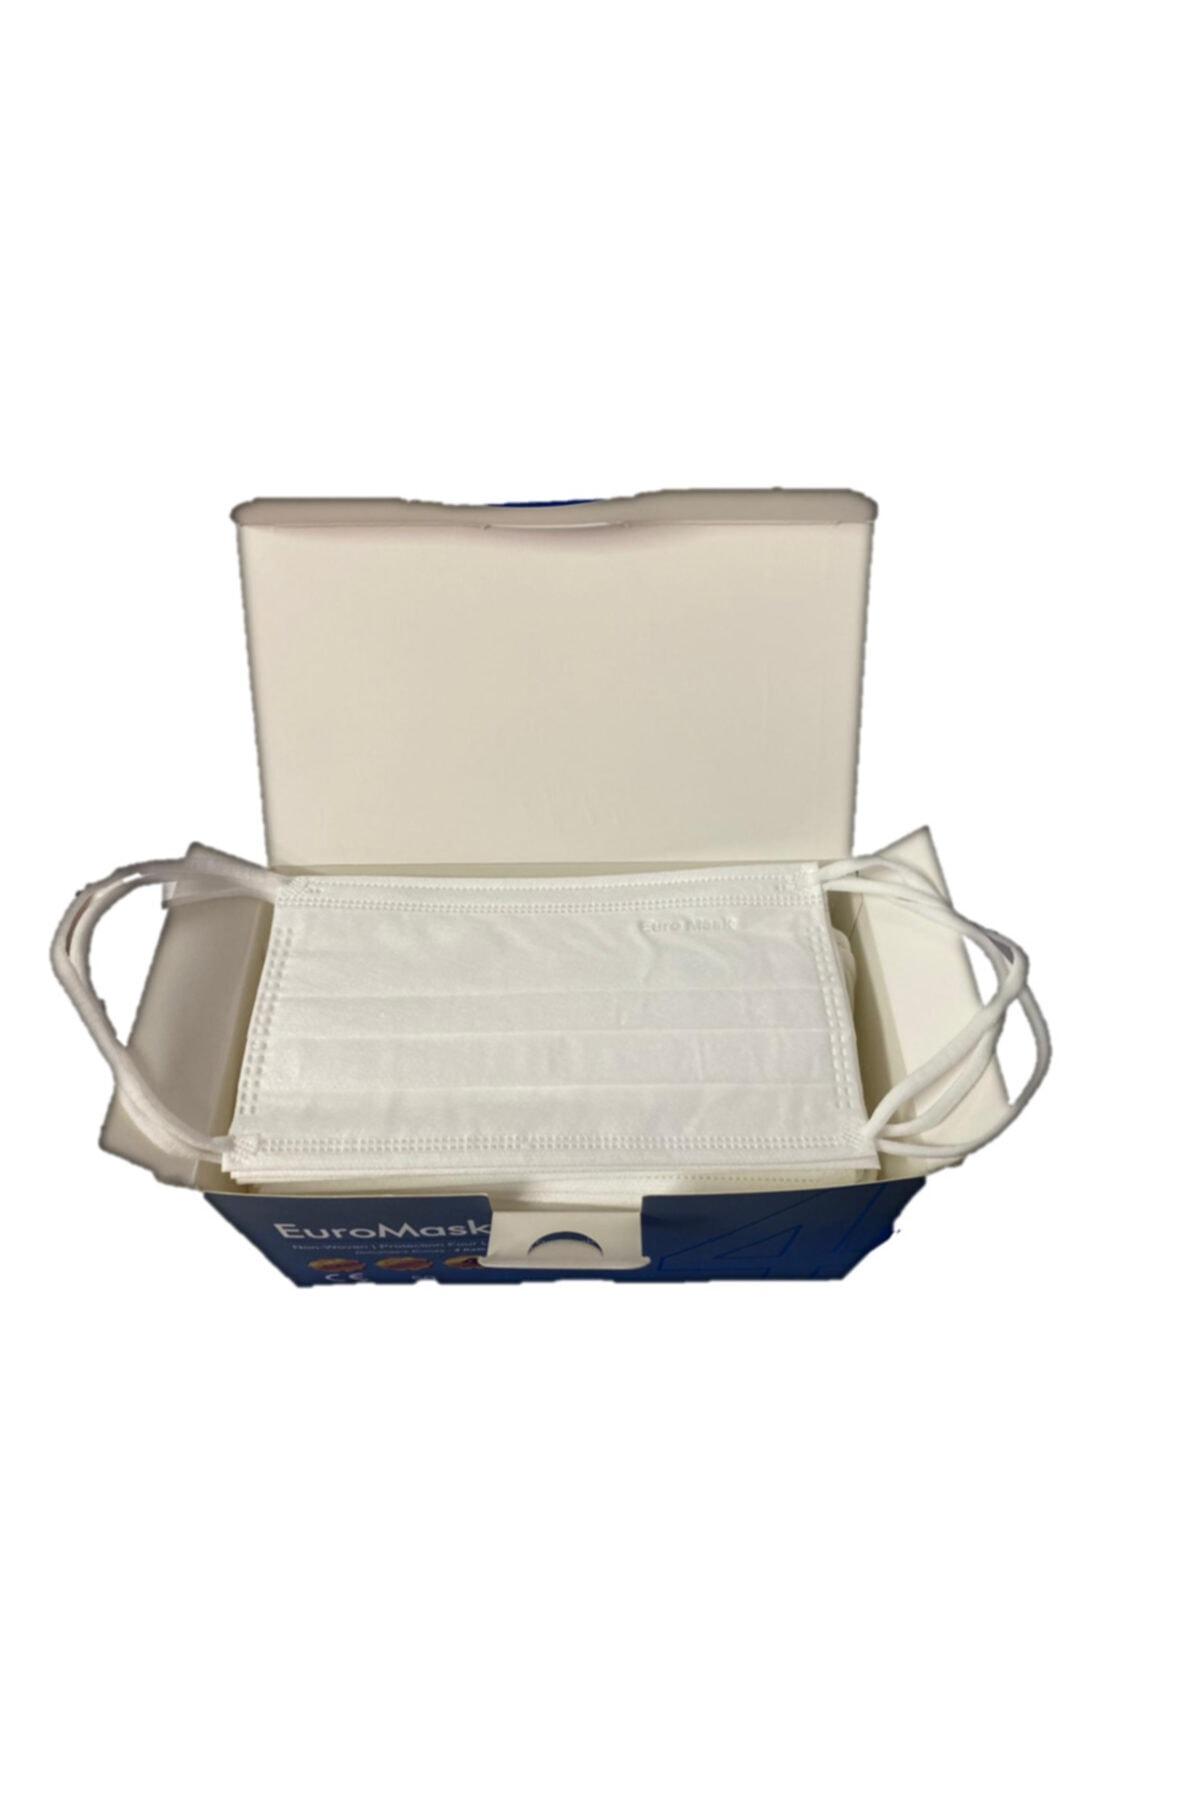 Perimel Euromask Gold 4 Katlı Maske Beyaz + Derdevice Pp Mendil